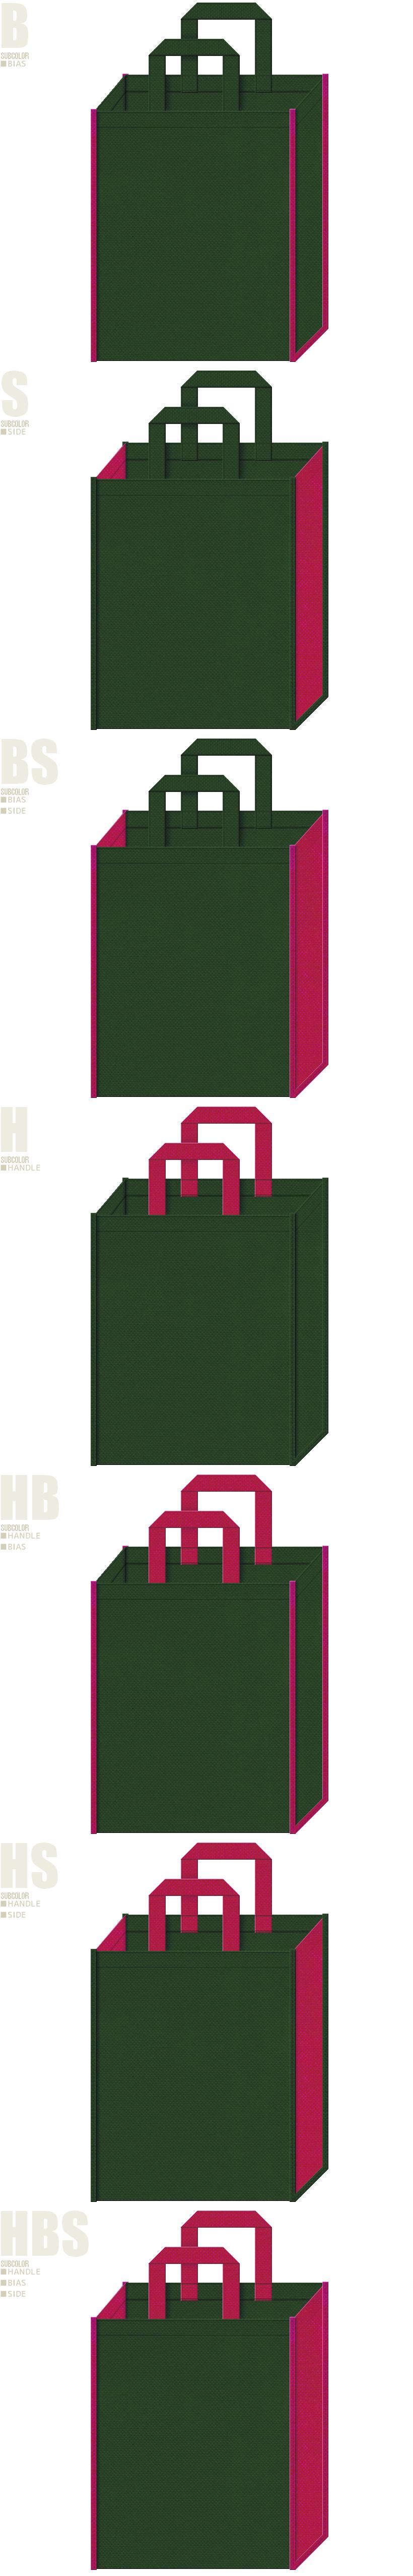 学校・卒業式・振袖・アウトドア・キャンプ用品の展示会用バッグにお奨めの不織布バッグデザイン:濃緑色と濃いピンク色の不織布バッグ配色7パターン。